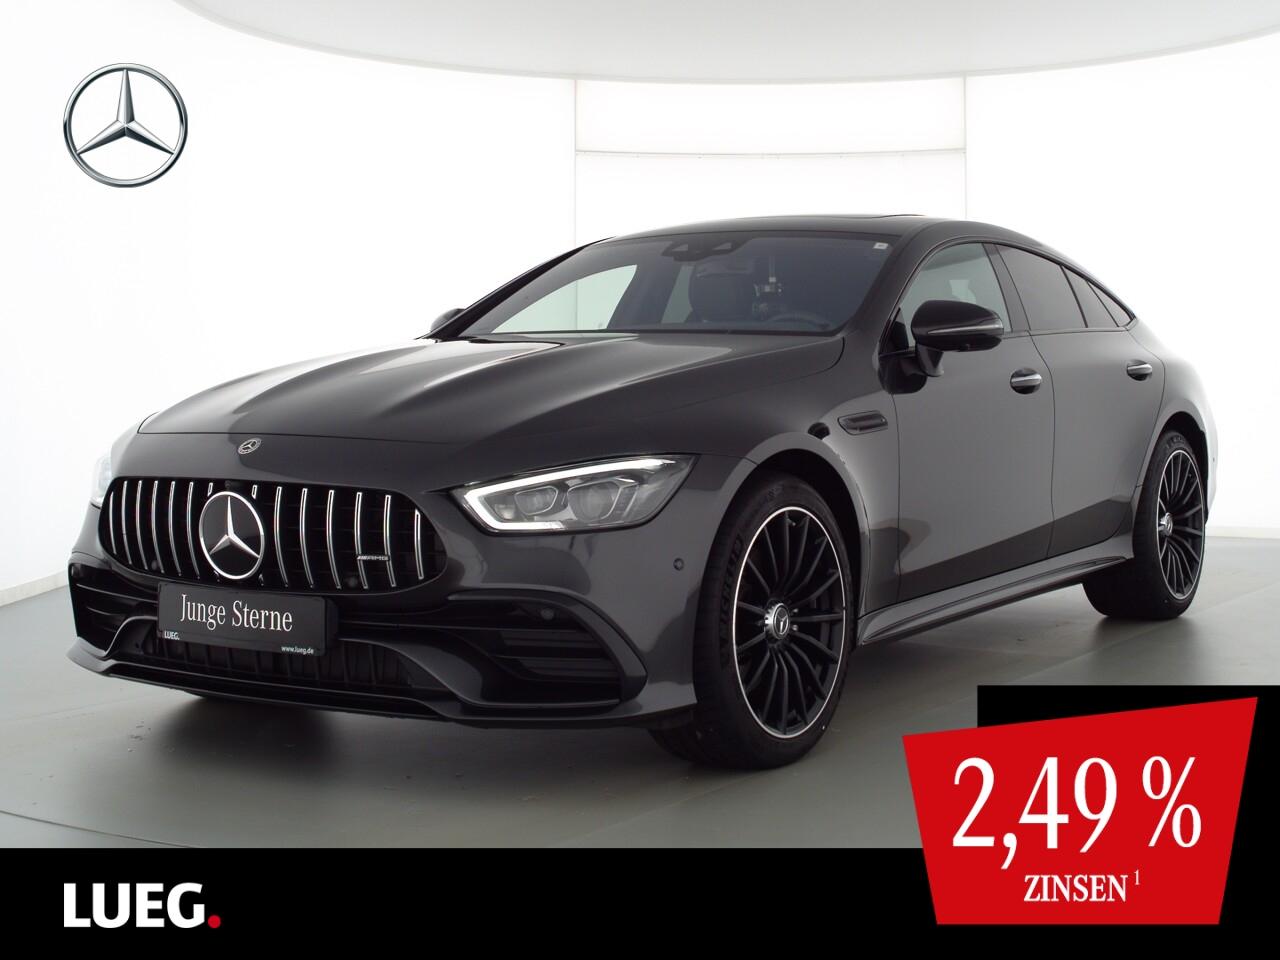 Mercedes-Benz AMG GT 53 4M+ COM+SHD+Burm+Mbeam+RIDE+Distr+360°, Jahr 2019, Benzin